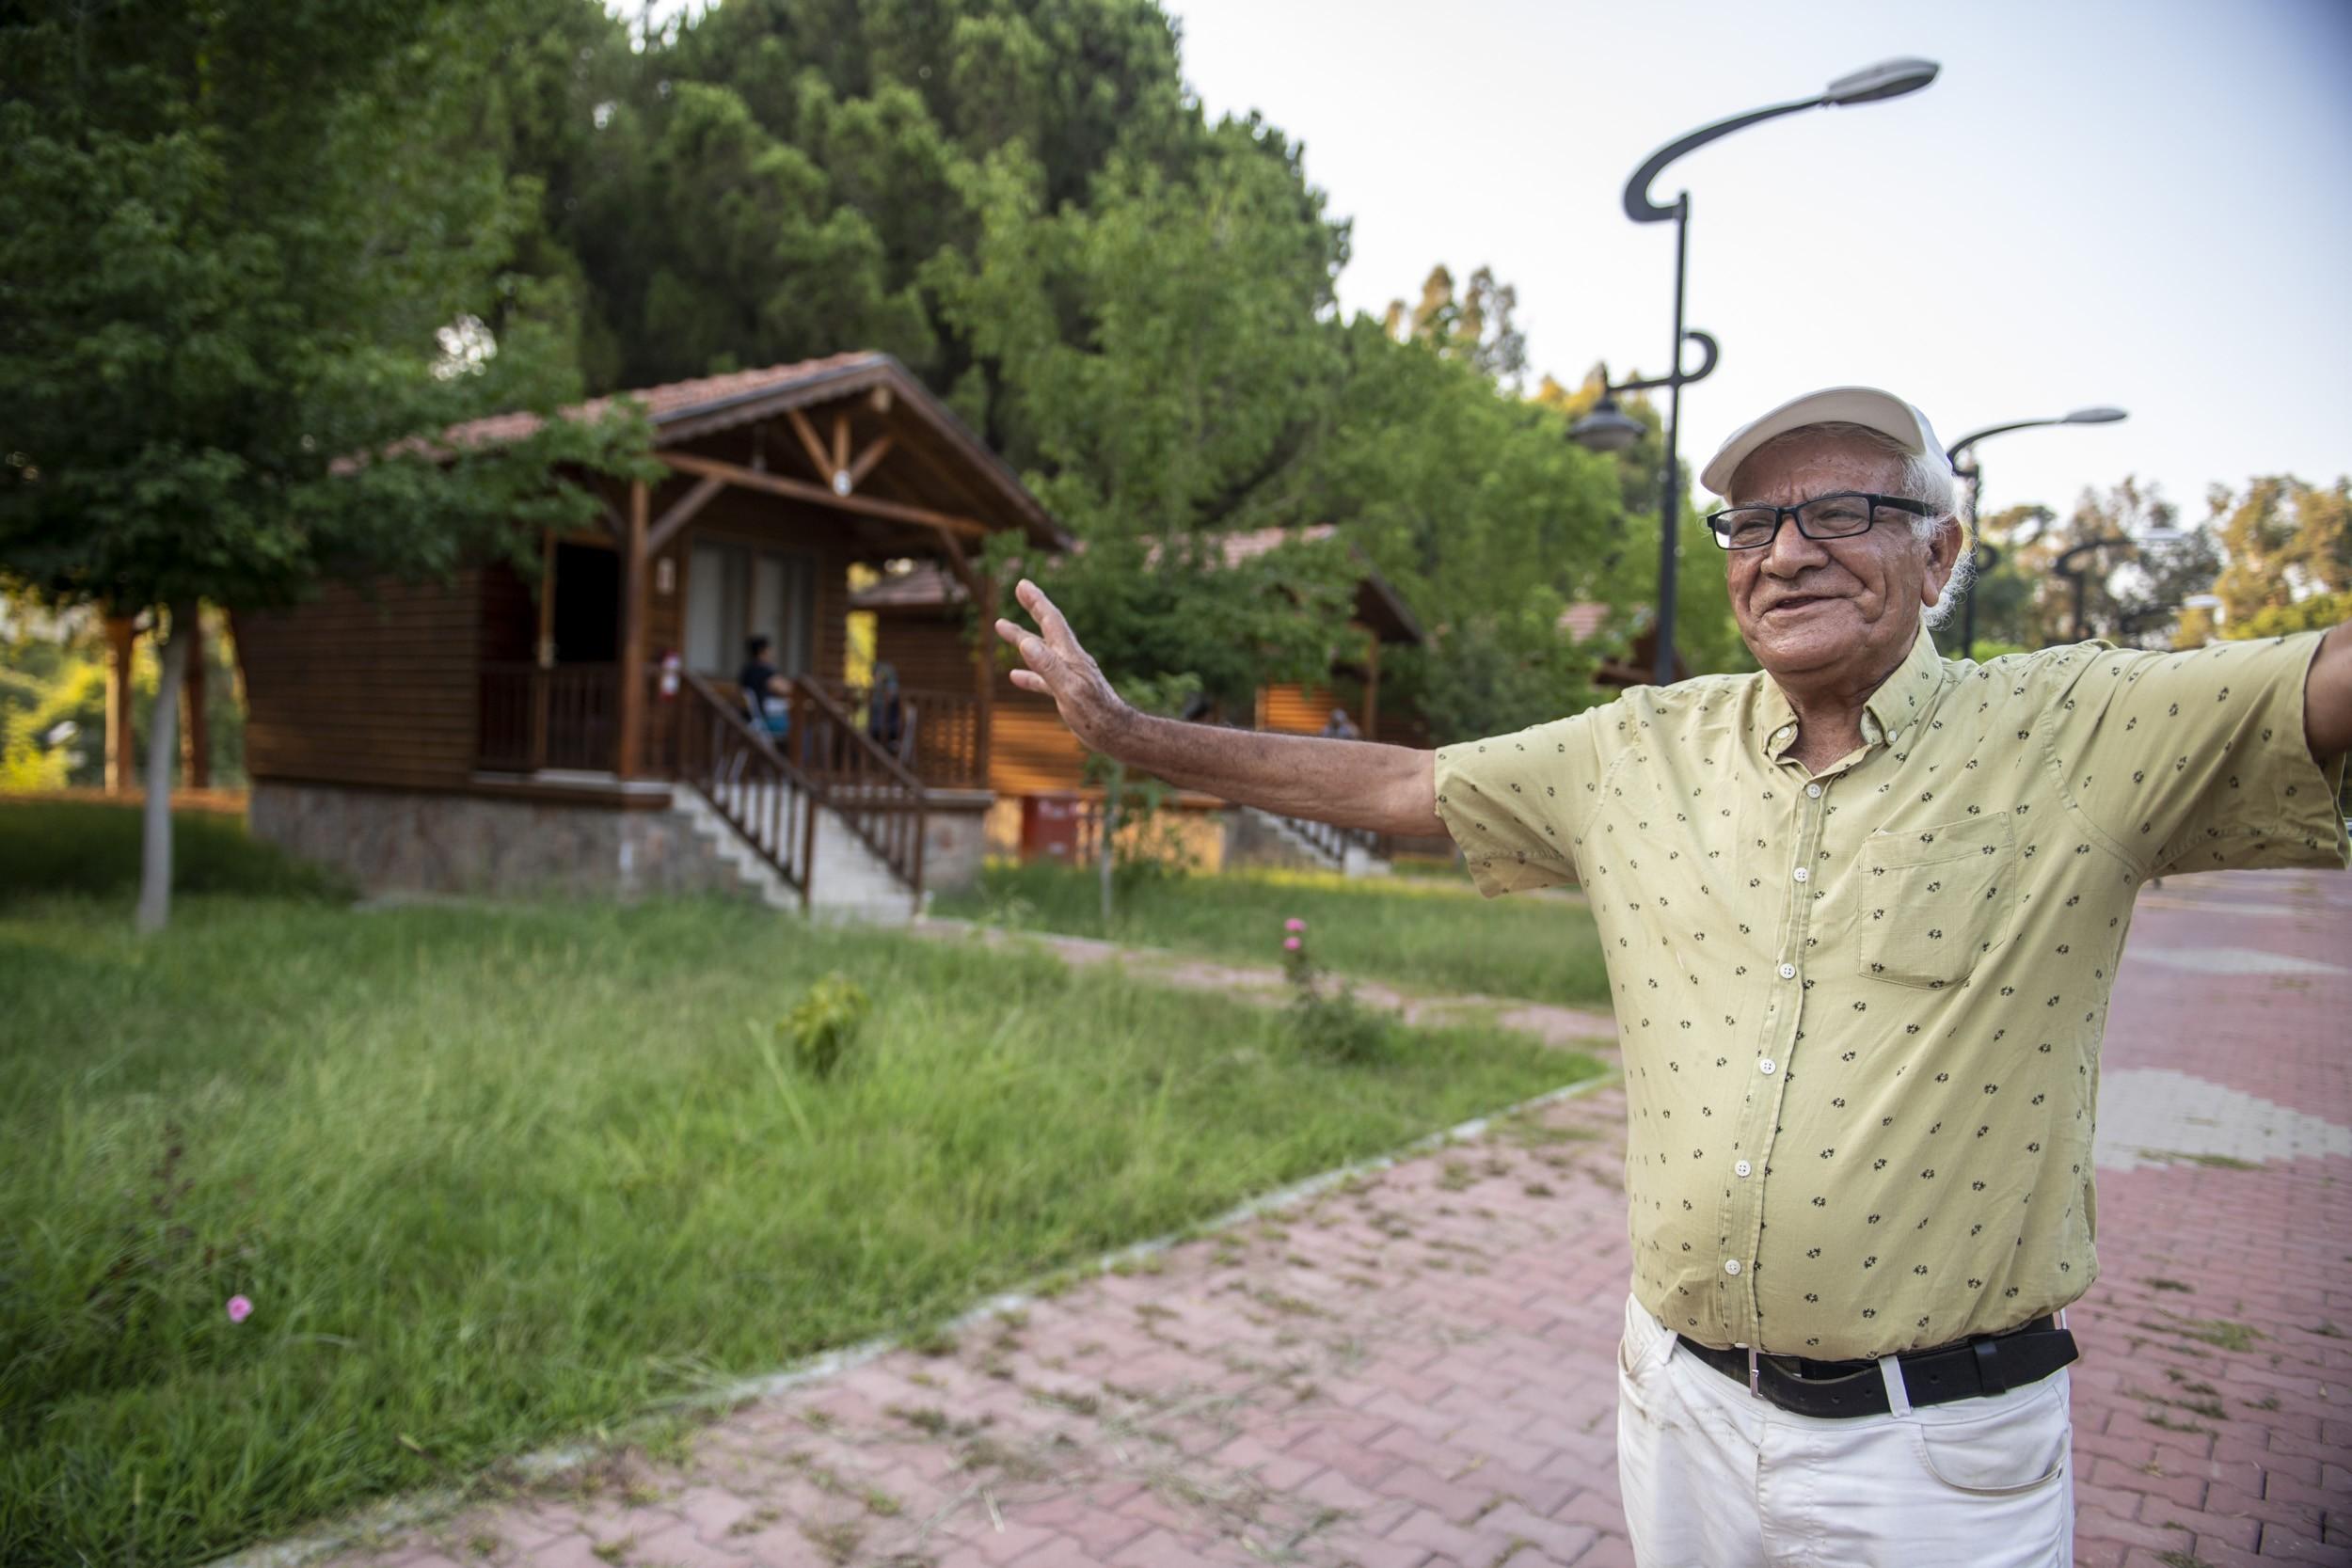 Büyükşehir'in gençlik kampı, yaşlı vatandaşları ağırladı